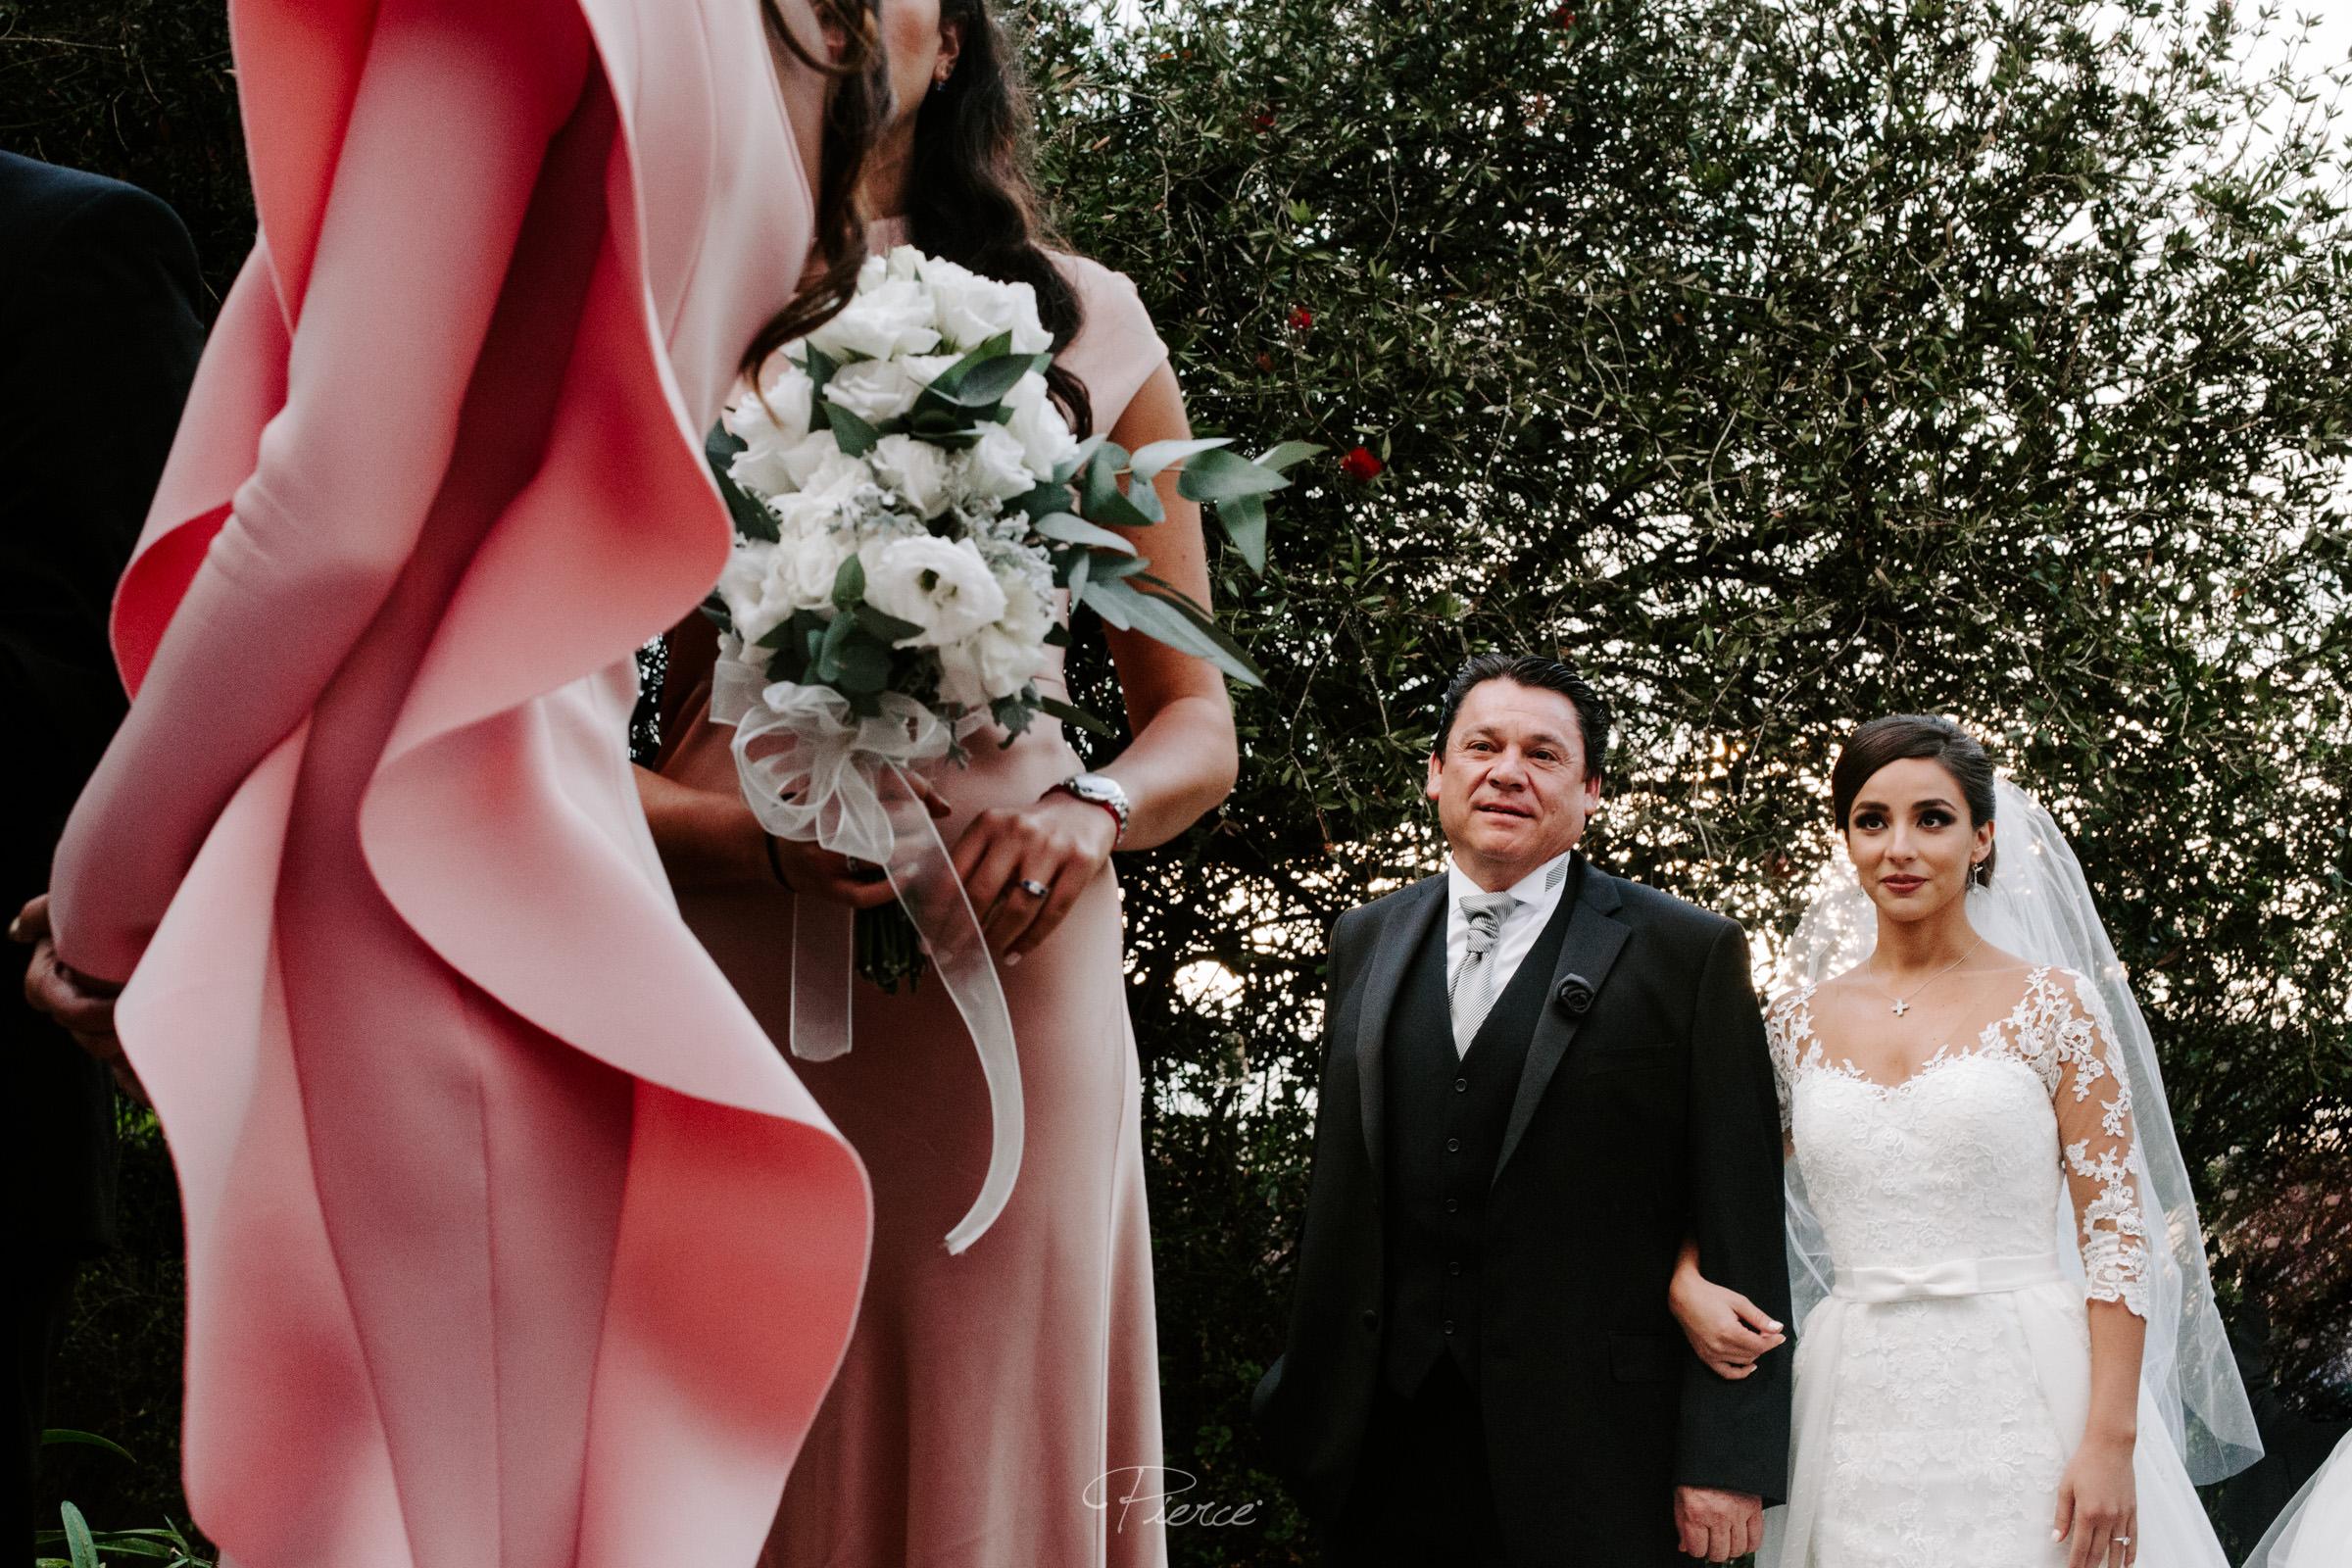 fotografia-de-boda-valle-de-bravo-mexico-rosmarino-pierce-weddings-0072.JPG